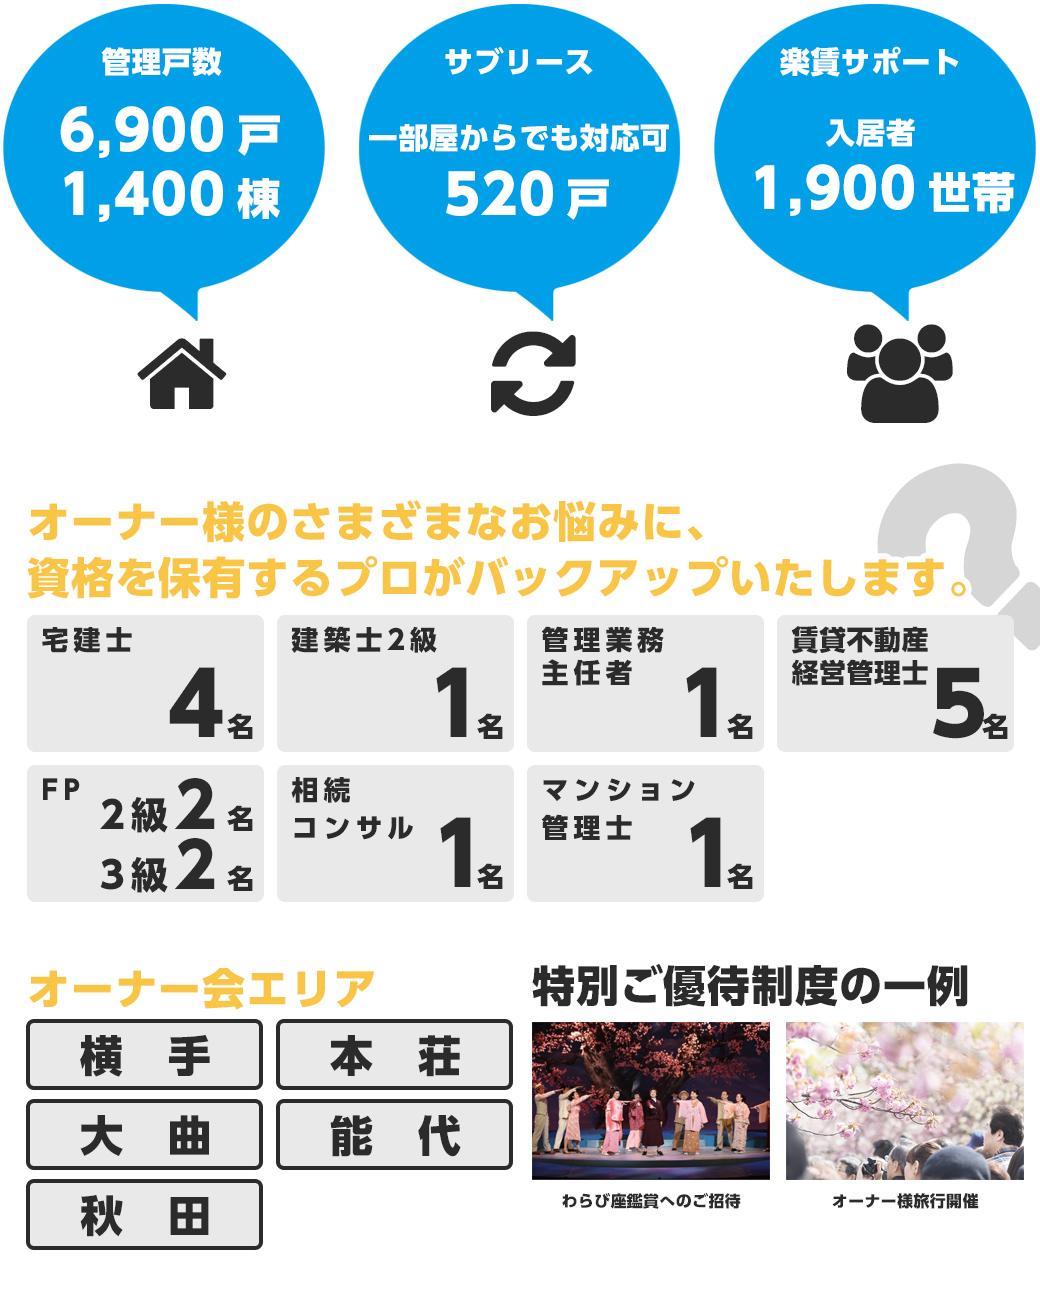 朝日綜合株式会社の事業residentialの事業実績